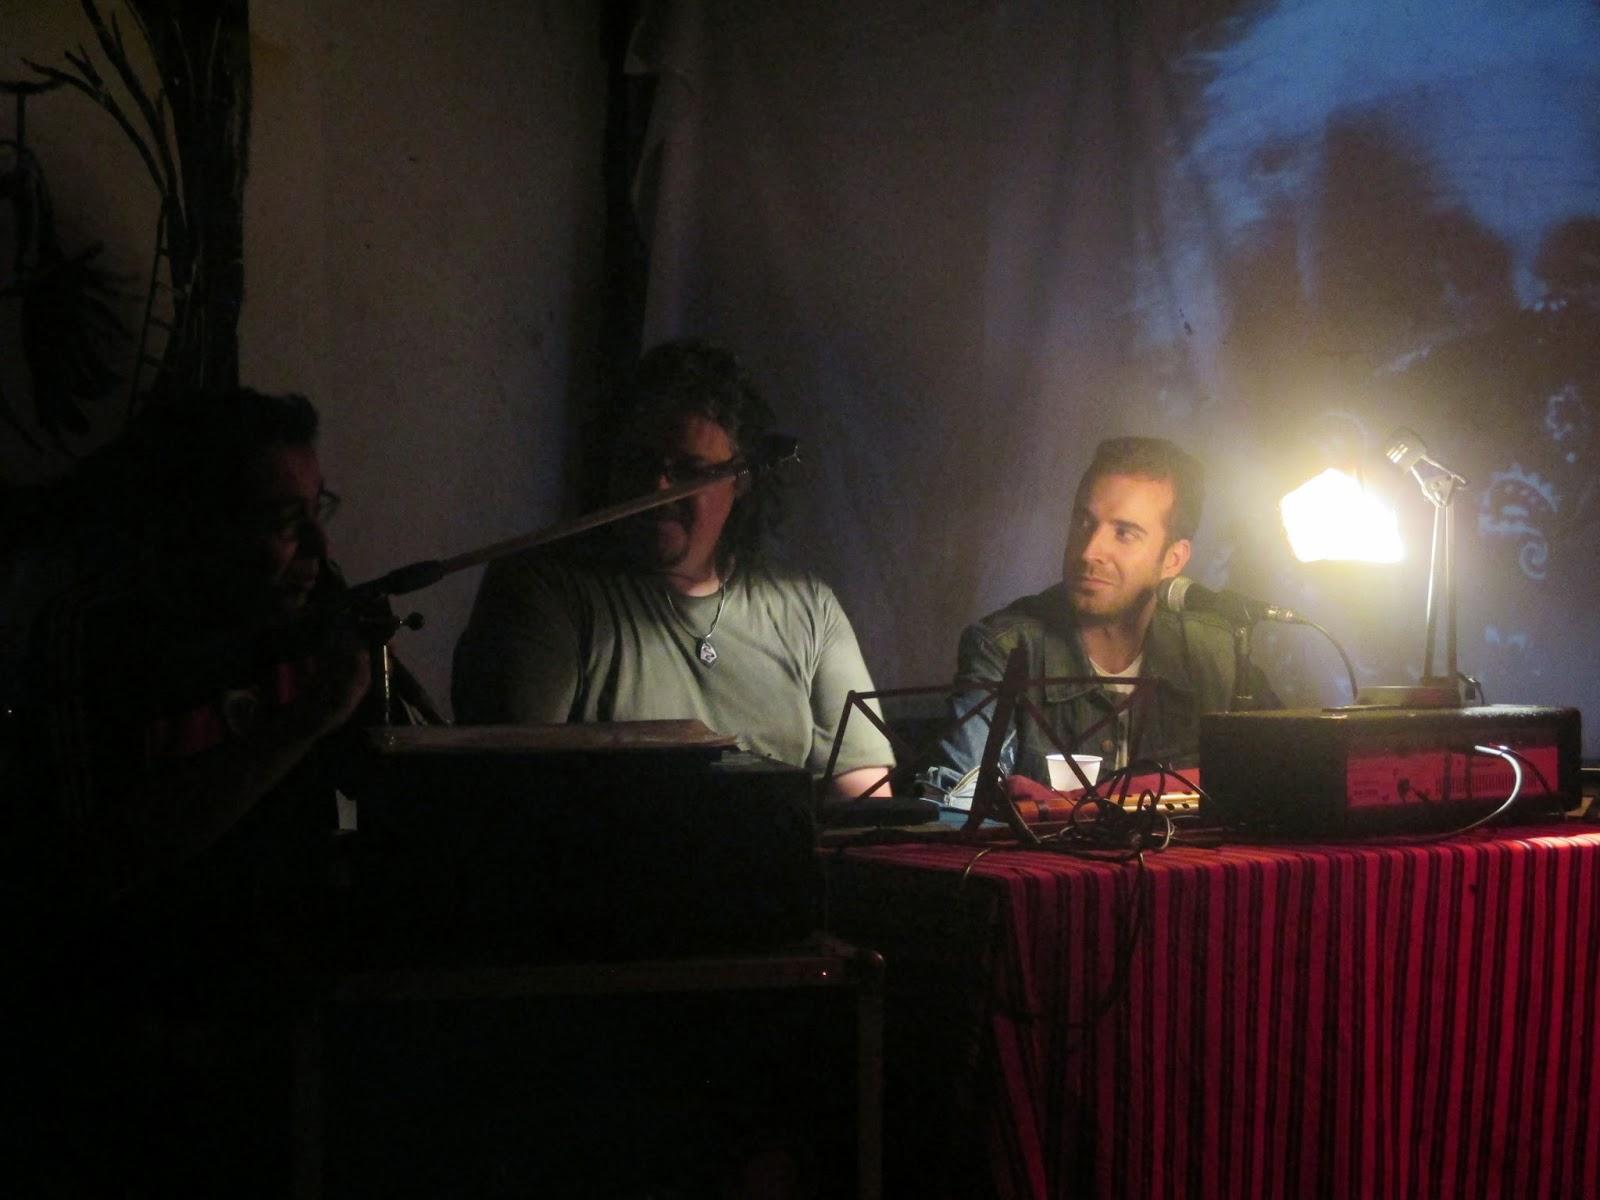 Junto a dos poetas argentinos: Carlos J. Aldazábal (a la izquierda) y Héctor Urruspuru.